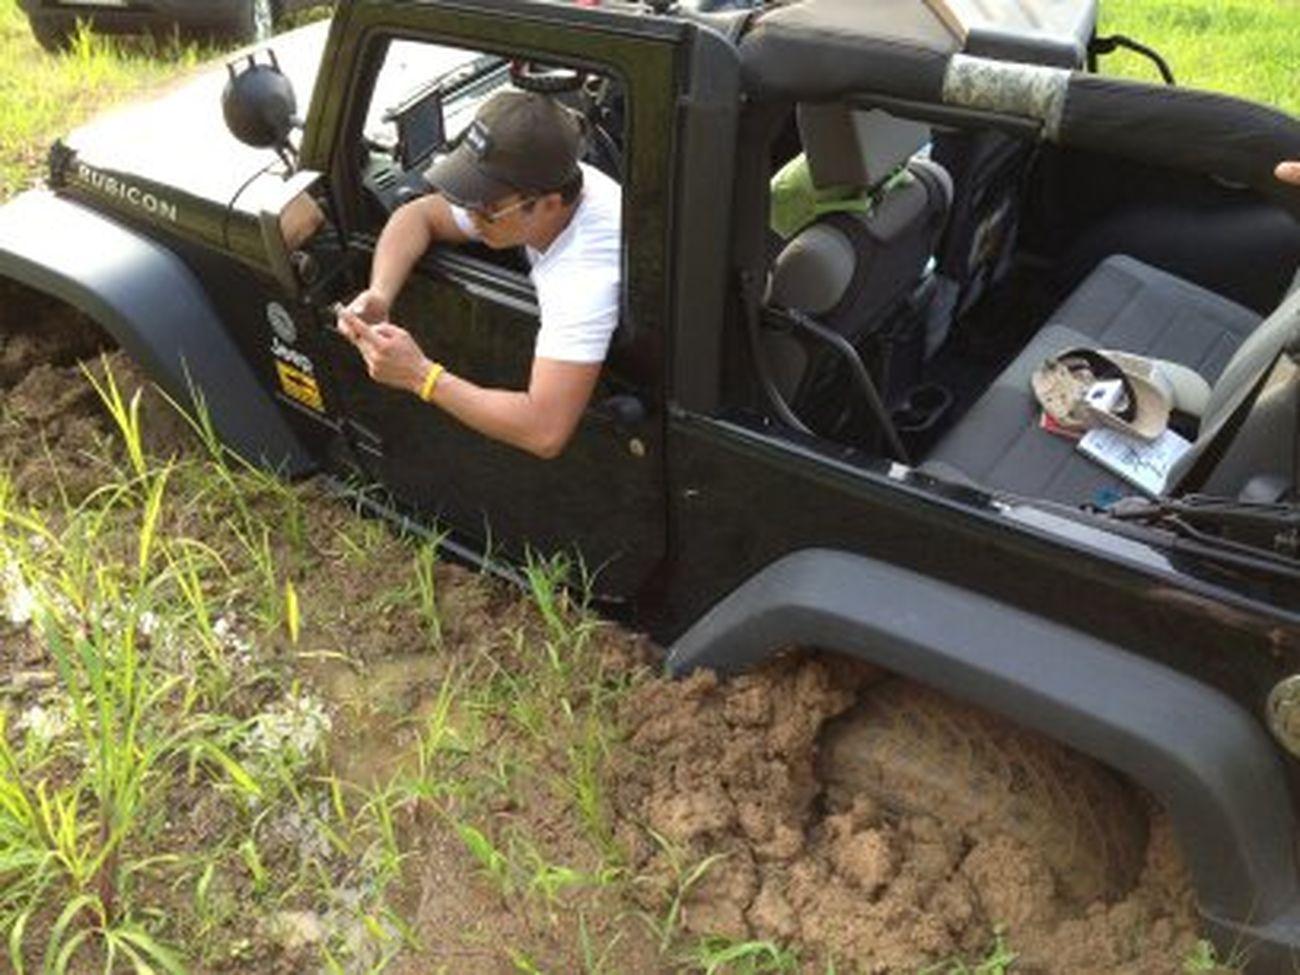 Stuck!!!! 4x4ing